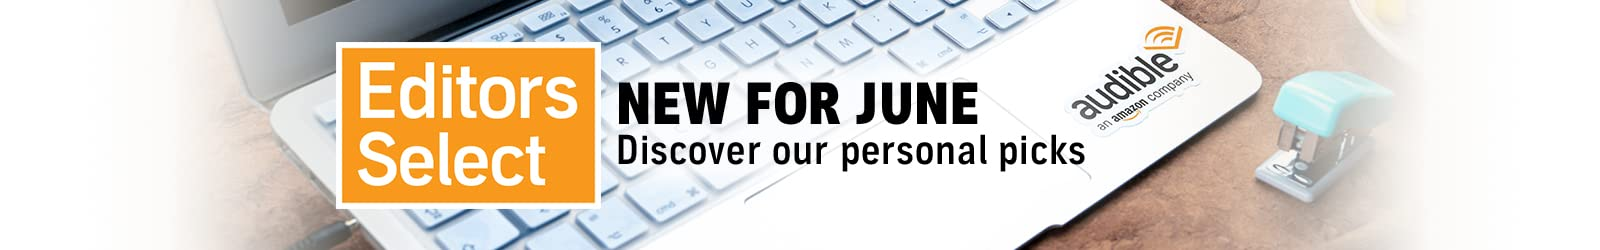 Editors Select: June 2020